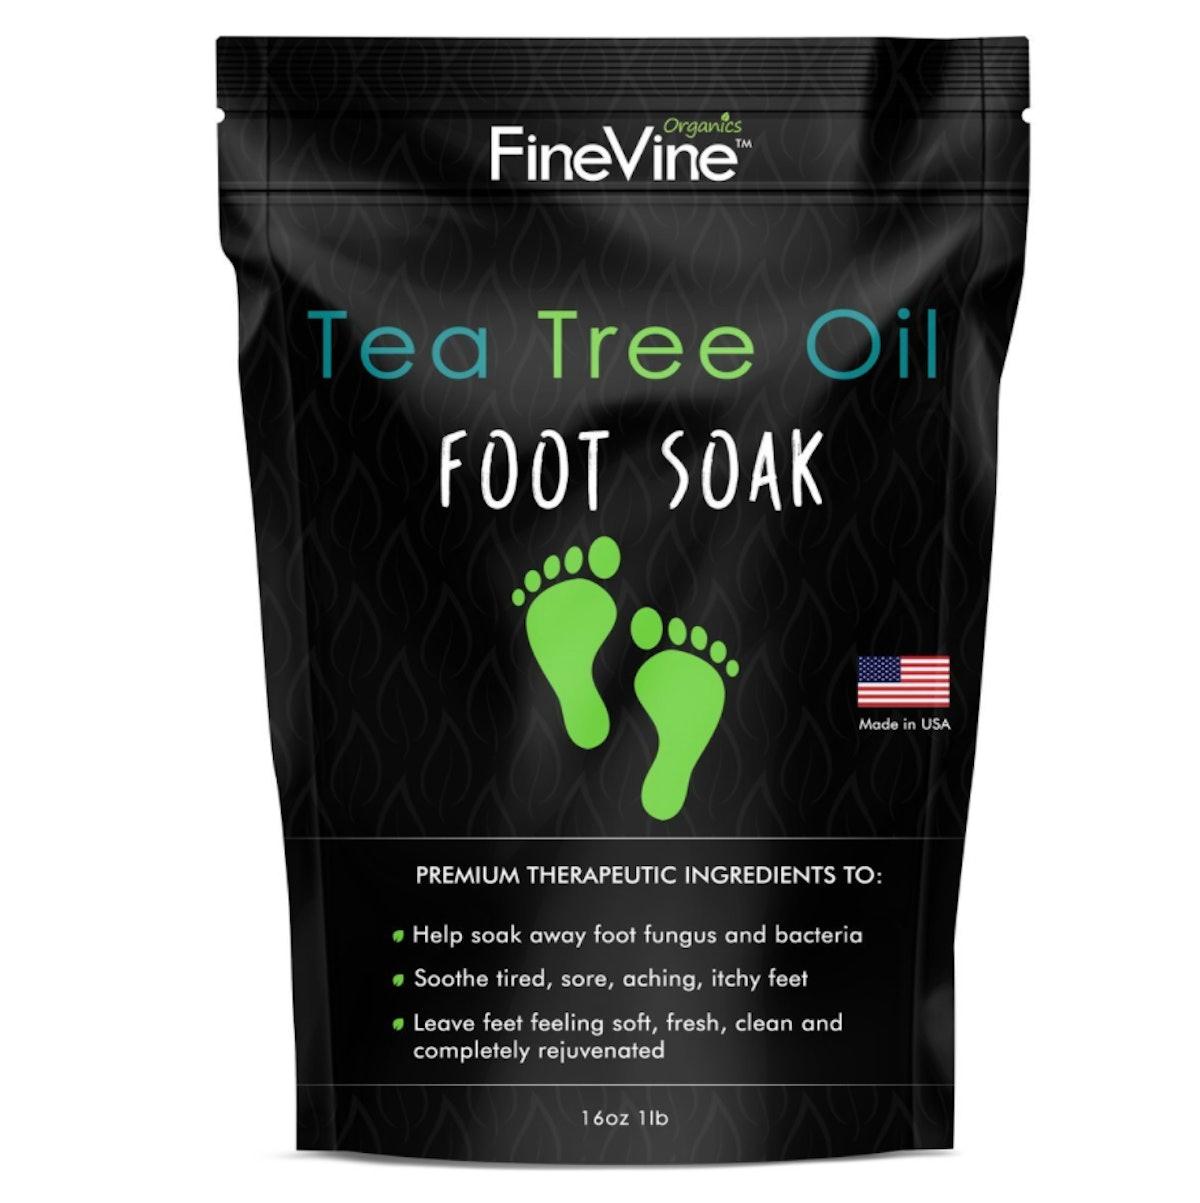 FineVine Organics Tea Tree Oil Foot Soak with Epsom Salt